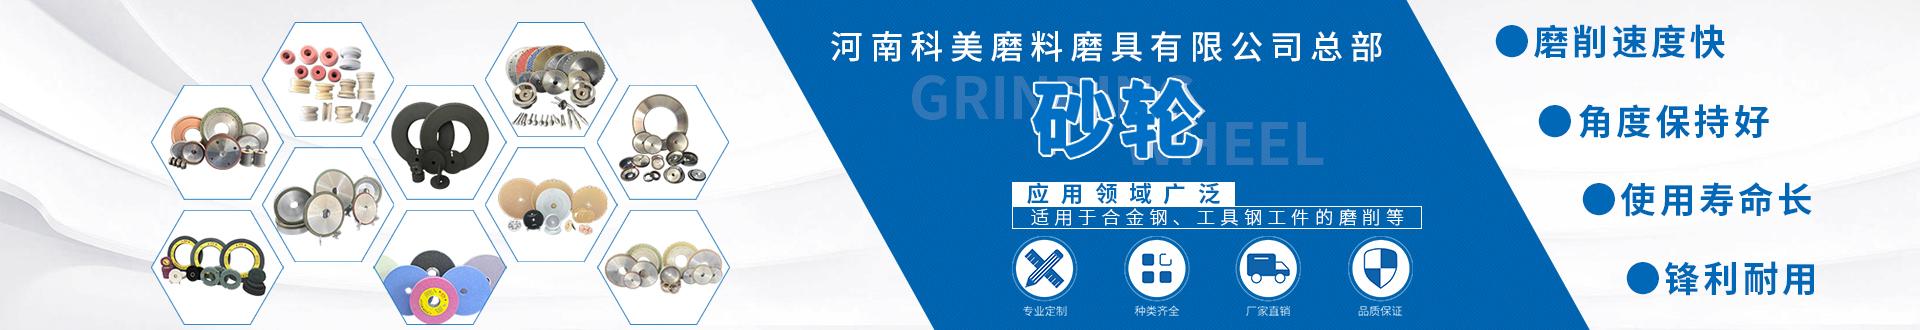 河南科美磨料磨具有限公司总部